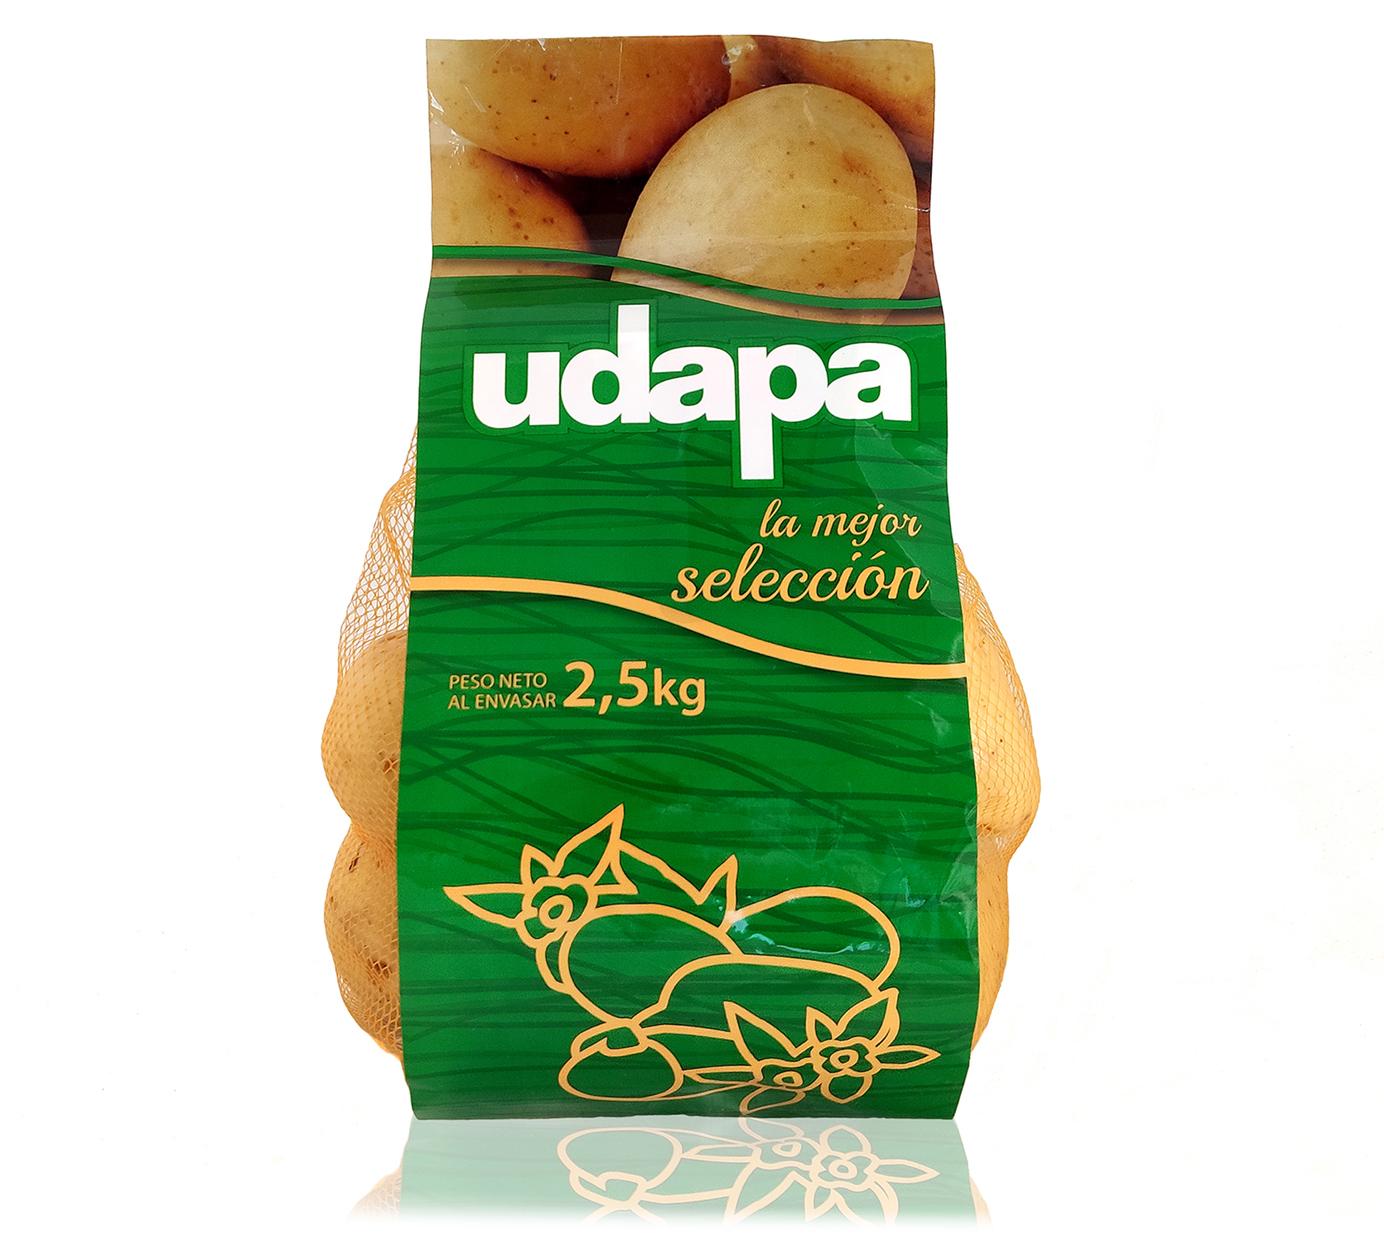 Udapa Selección web